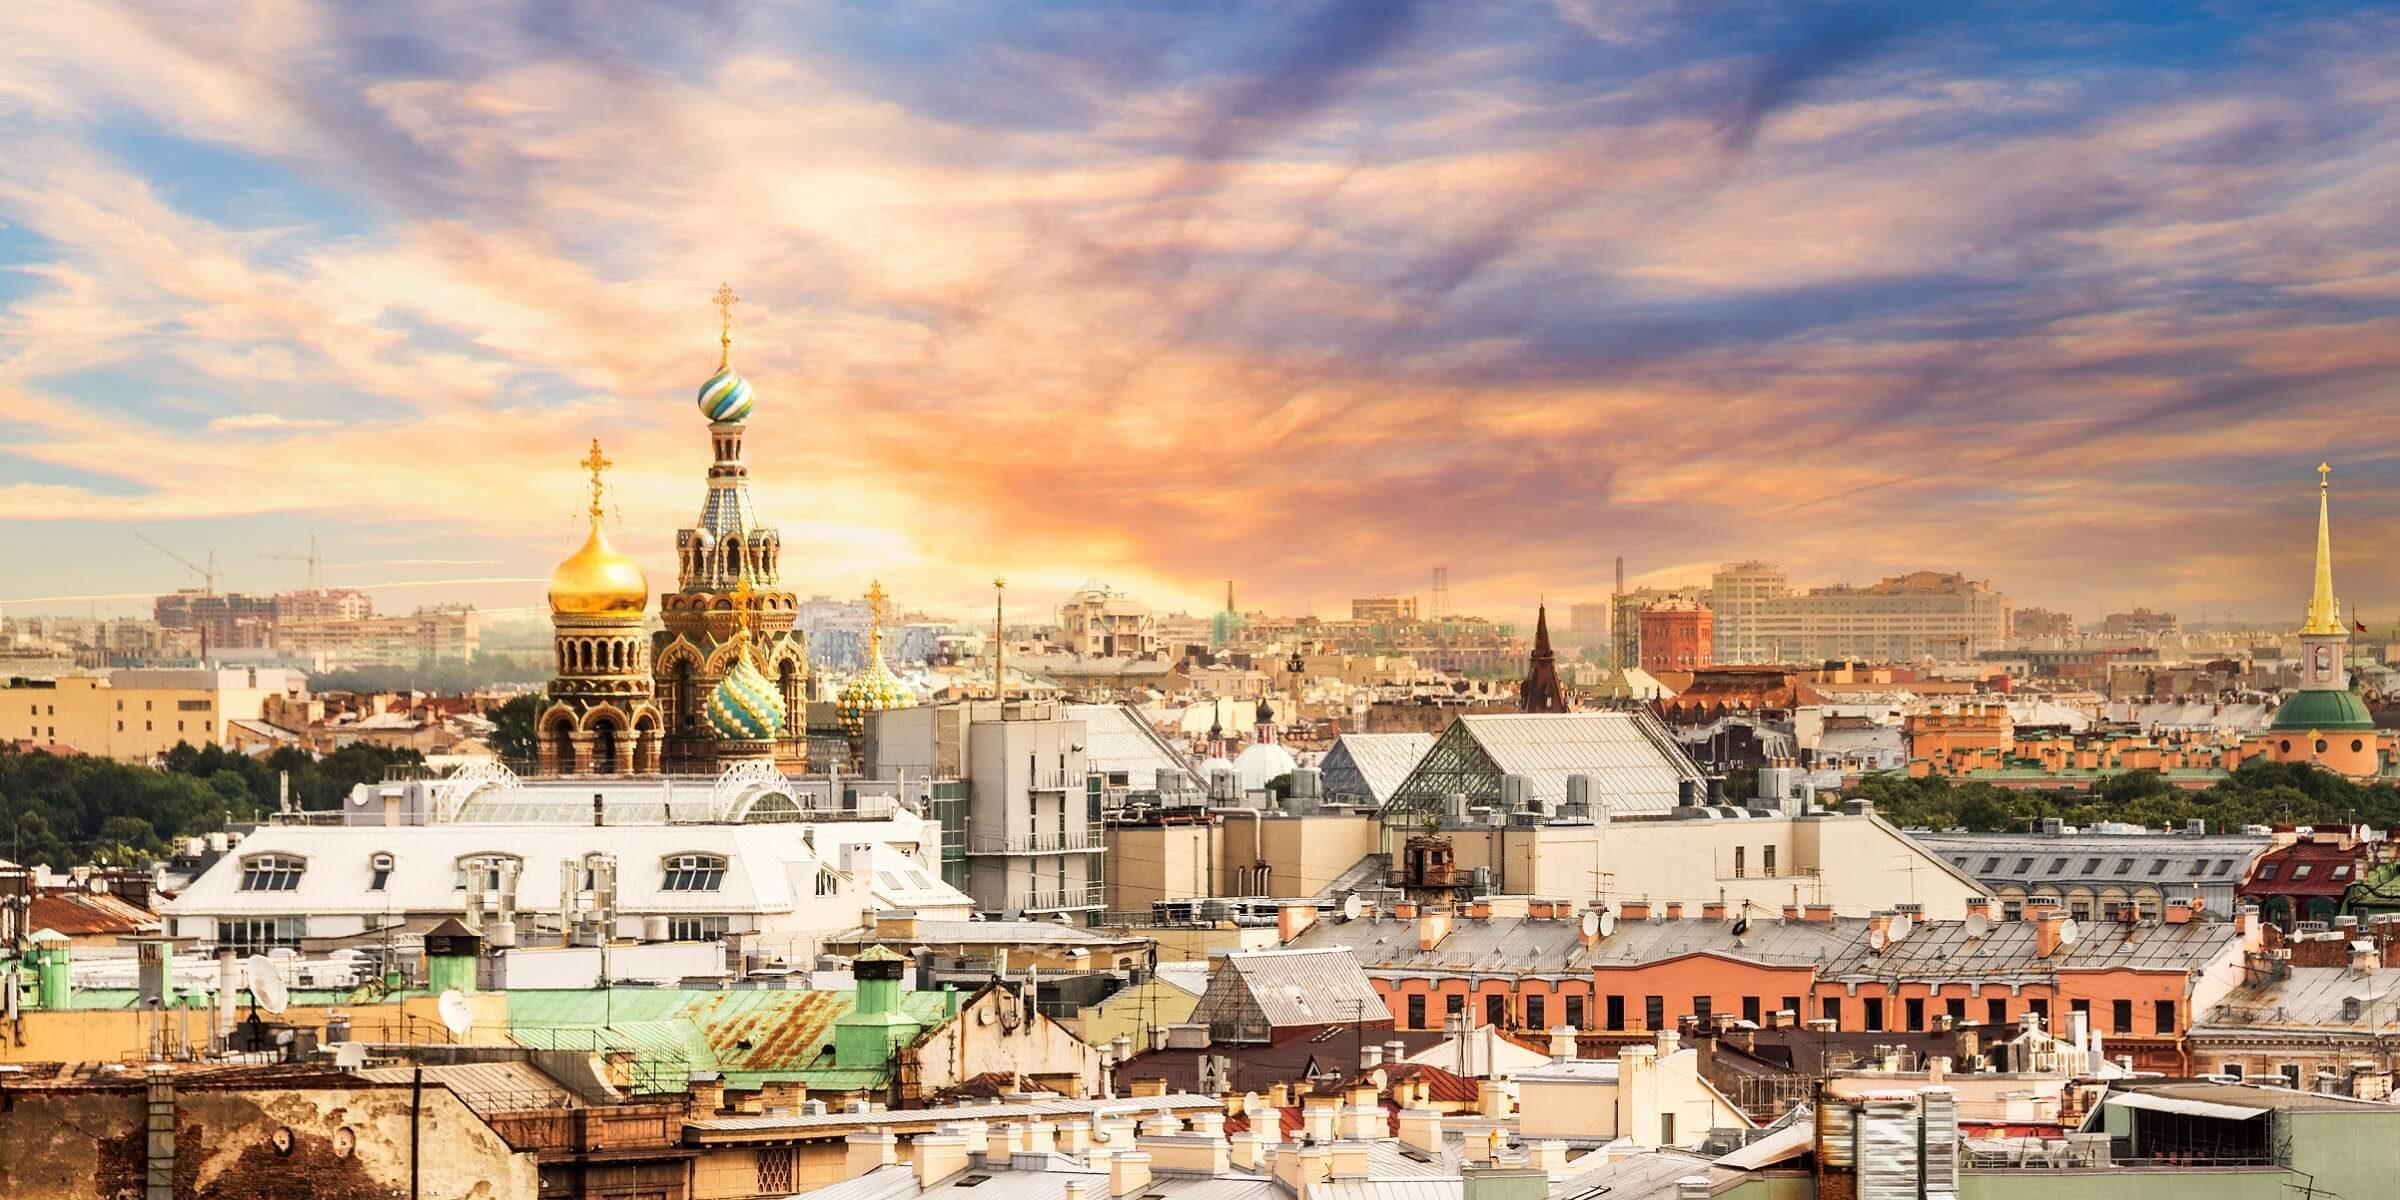 Sie gehen in St. Petersburg von Bord und erkunden die russische Stadt